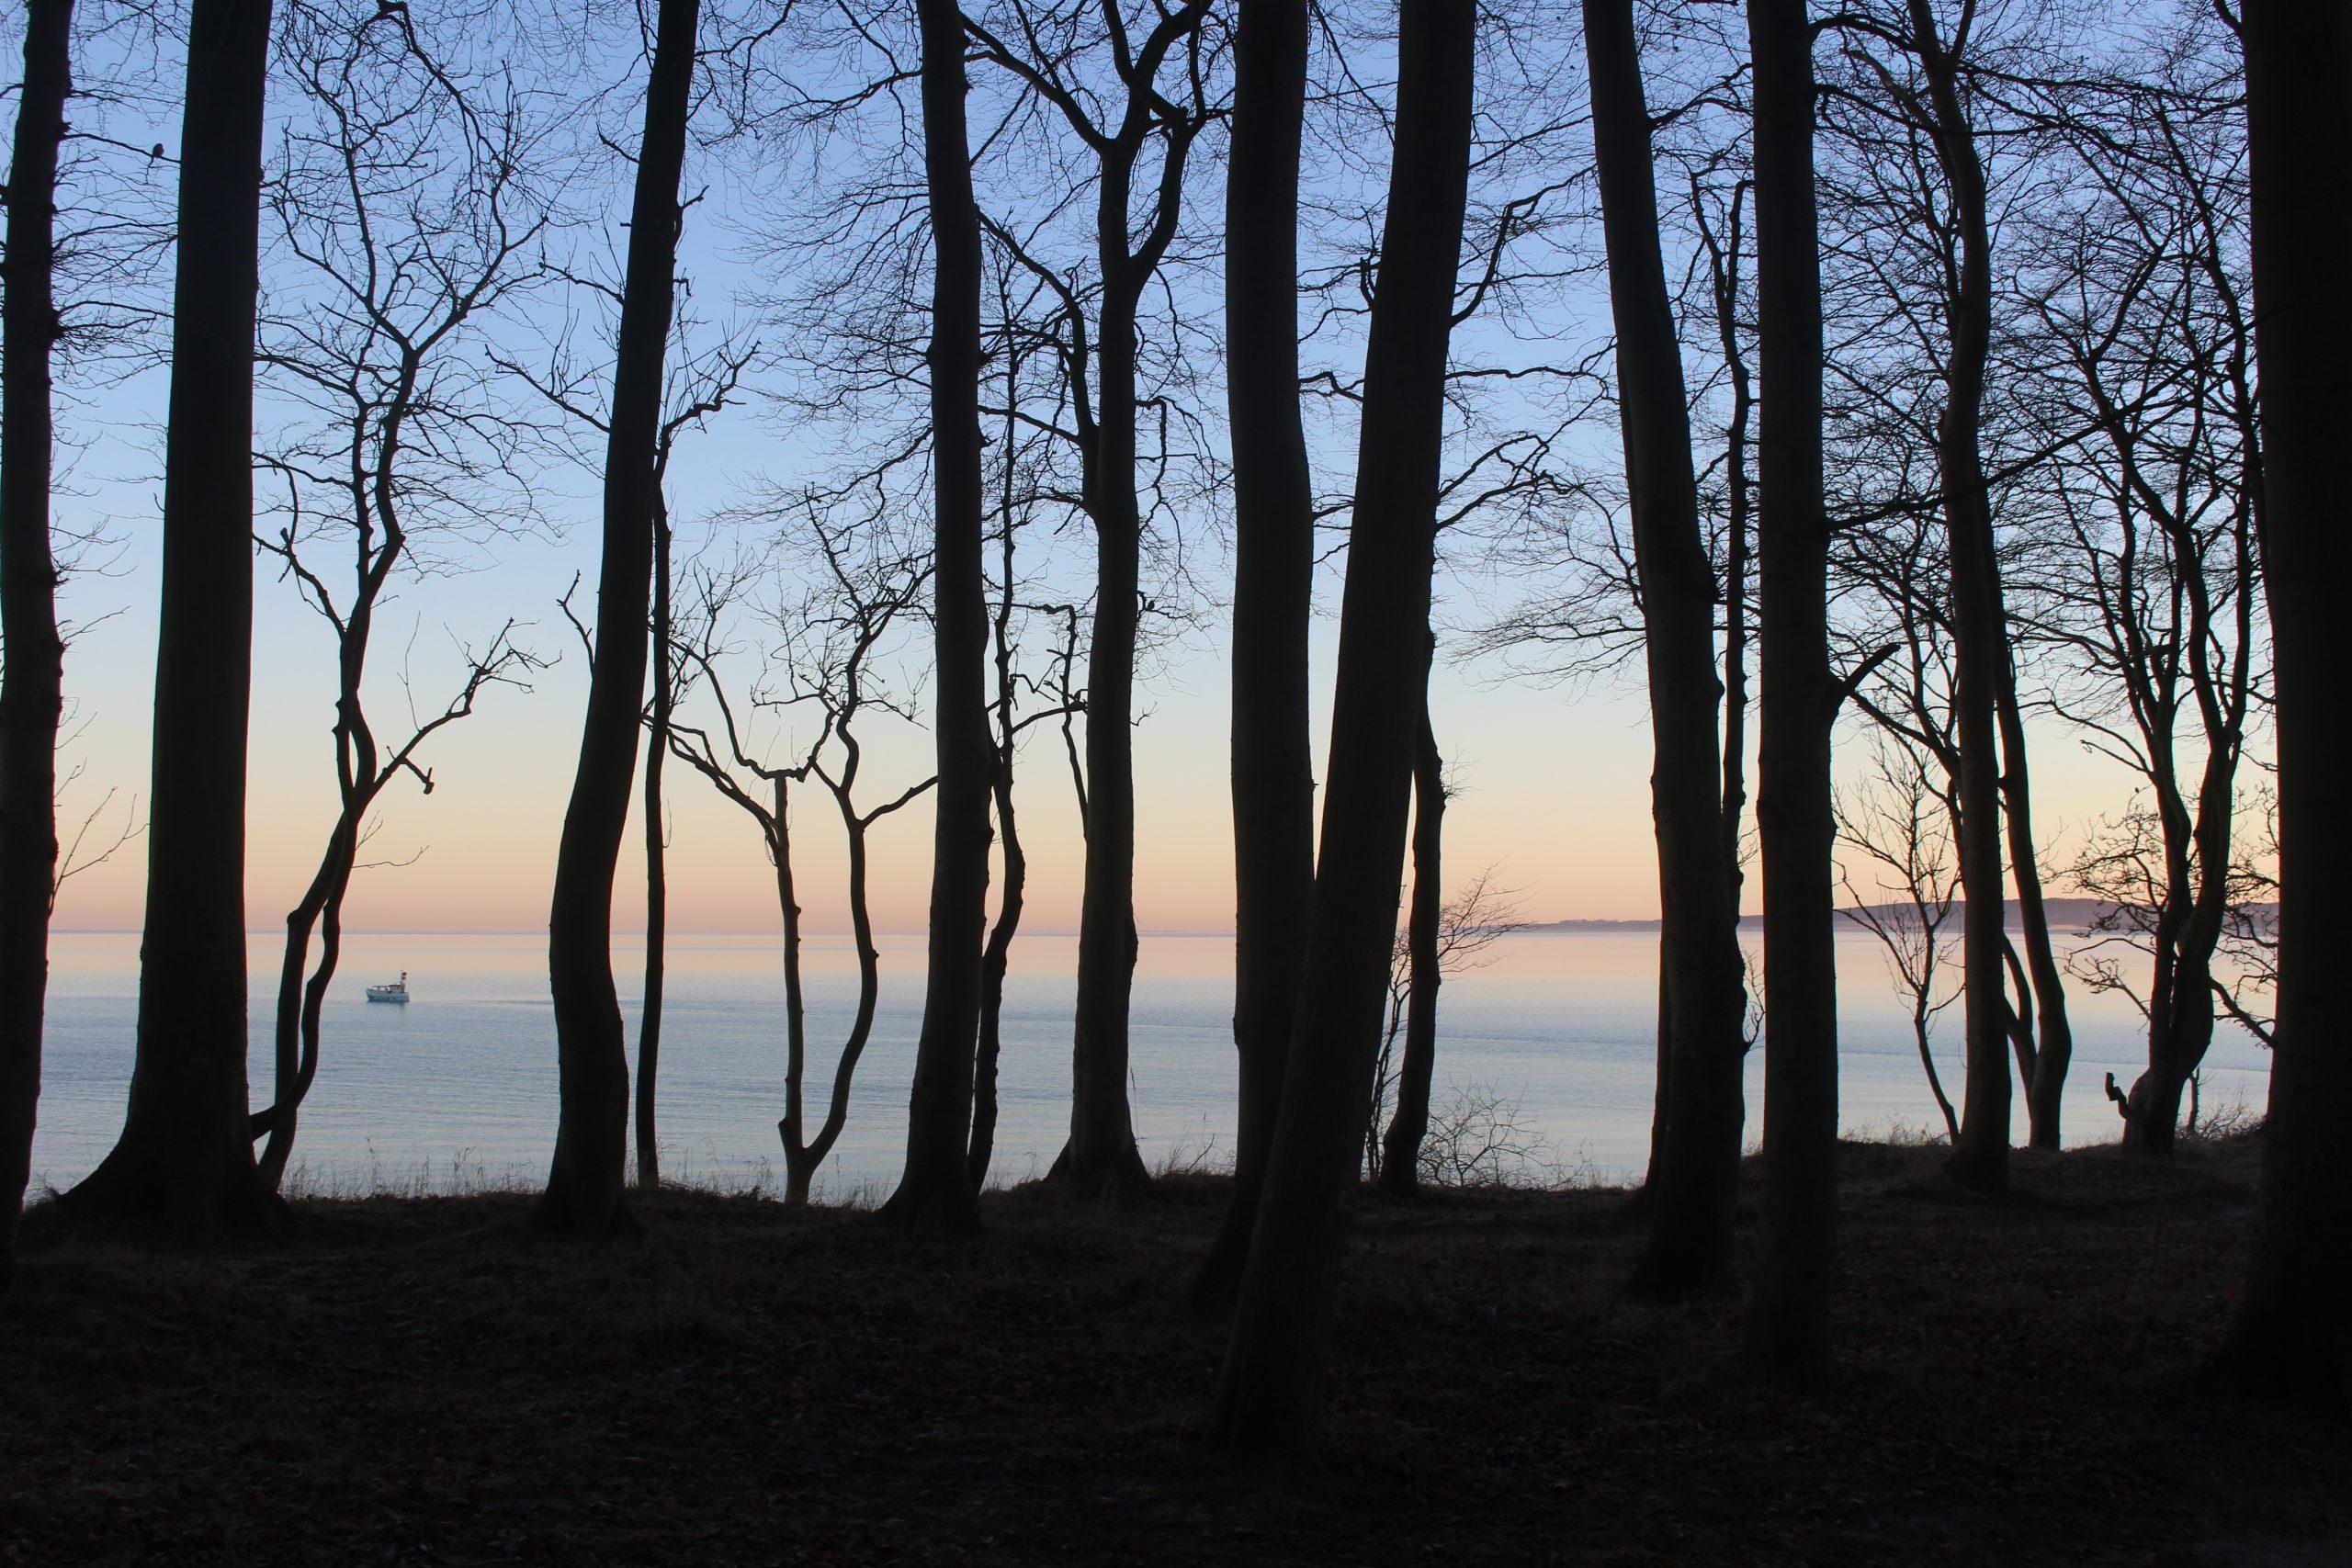 Gut Friederikenhof - Waldspaziergang entlang der Steilküste